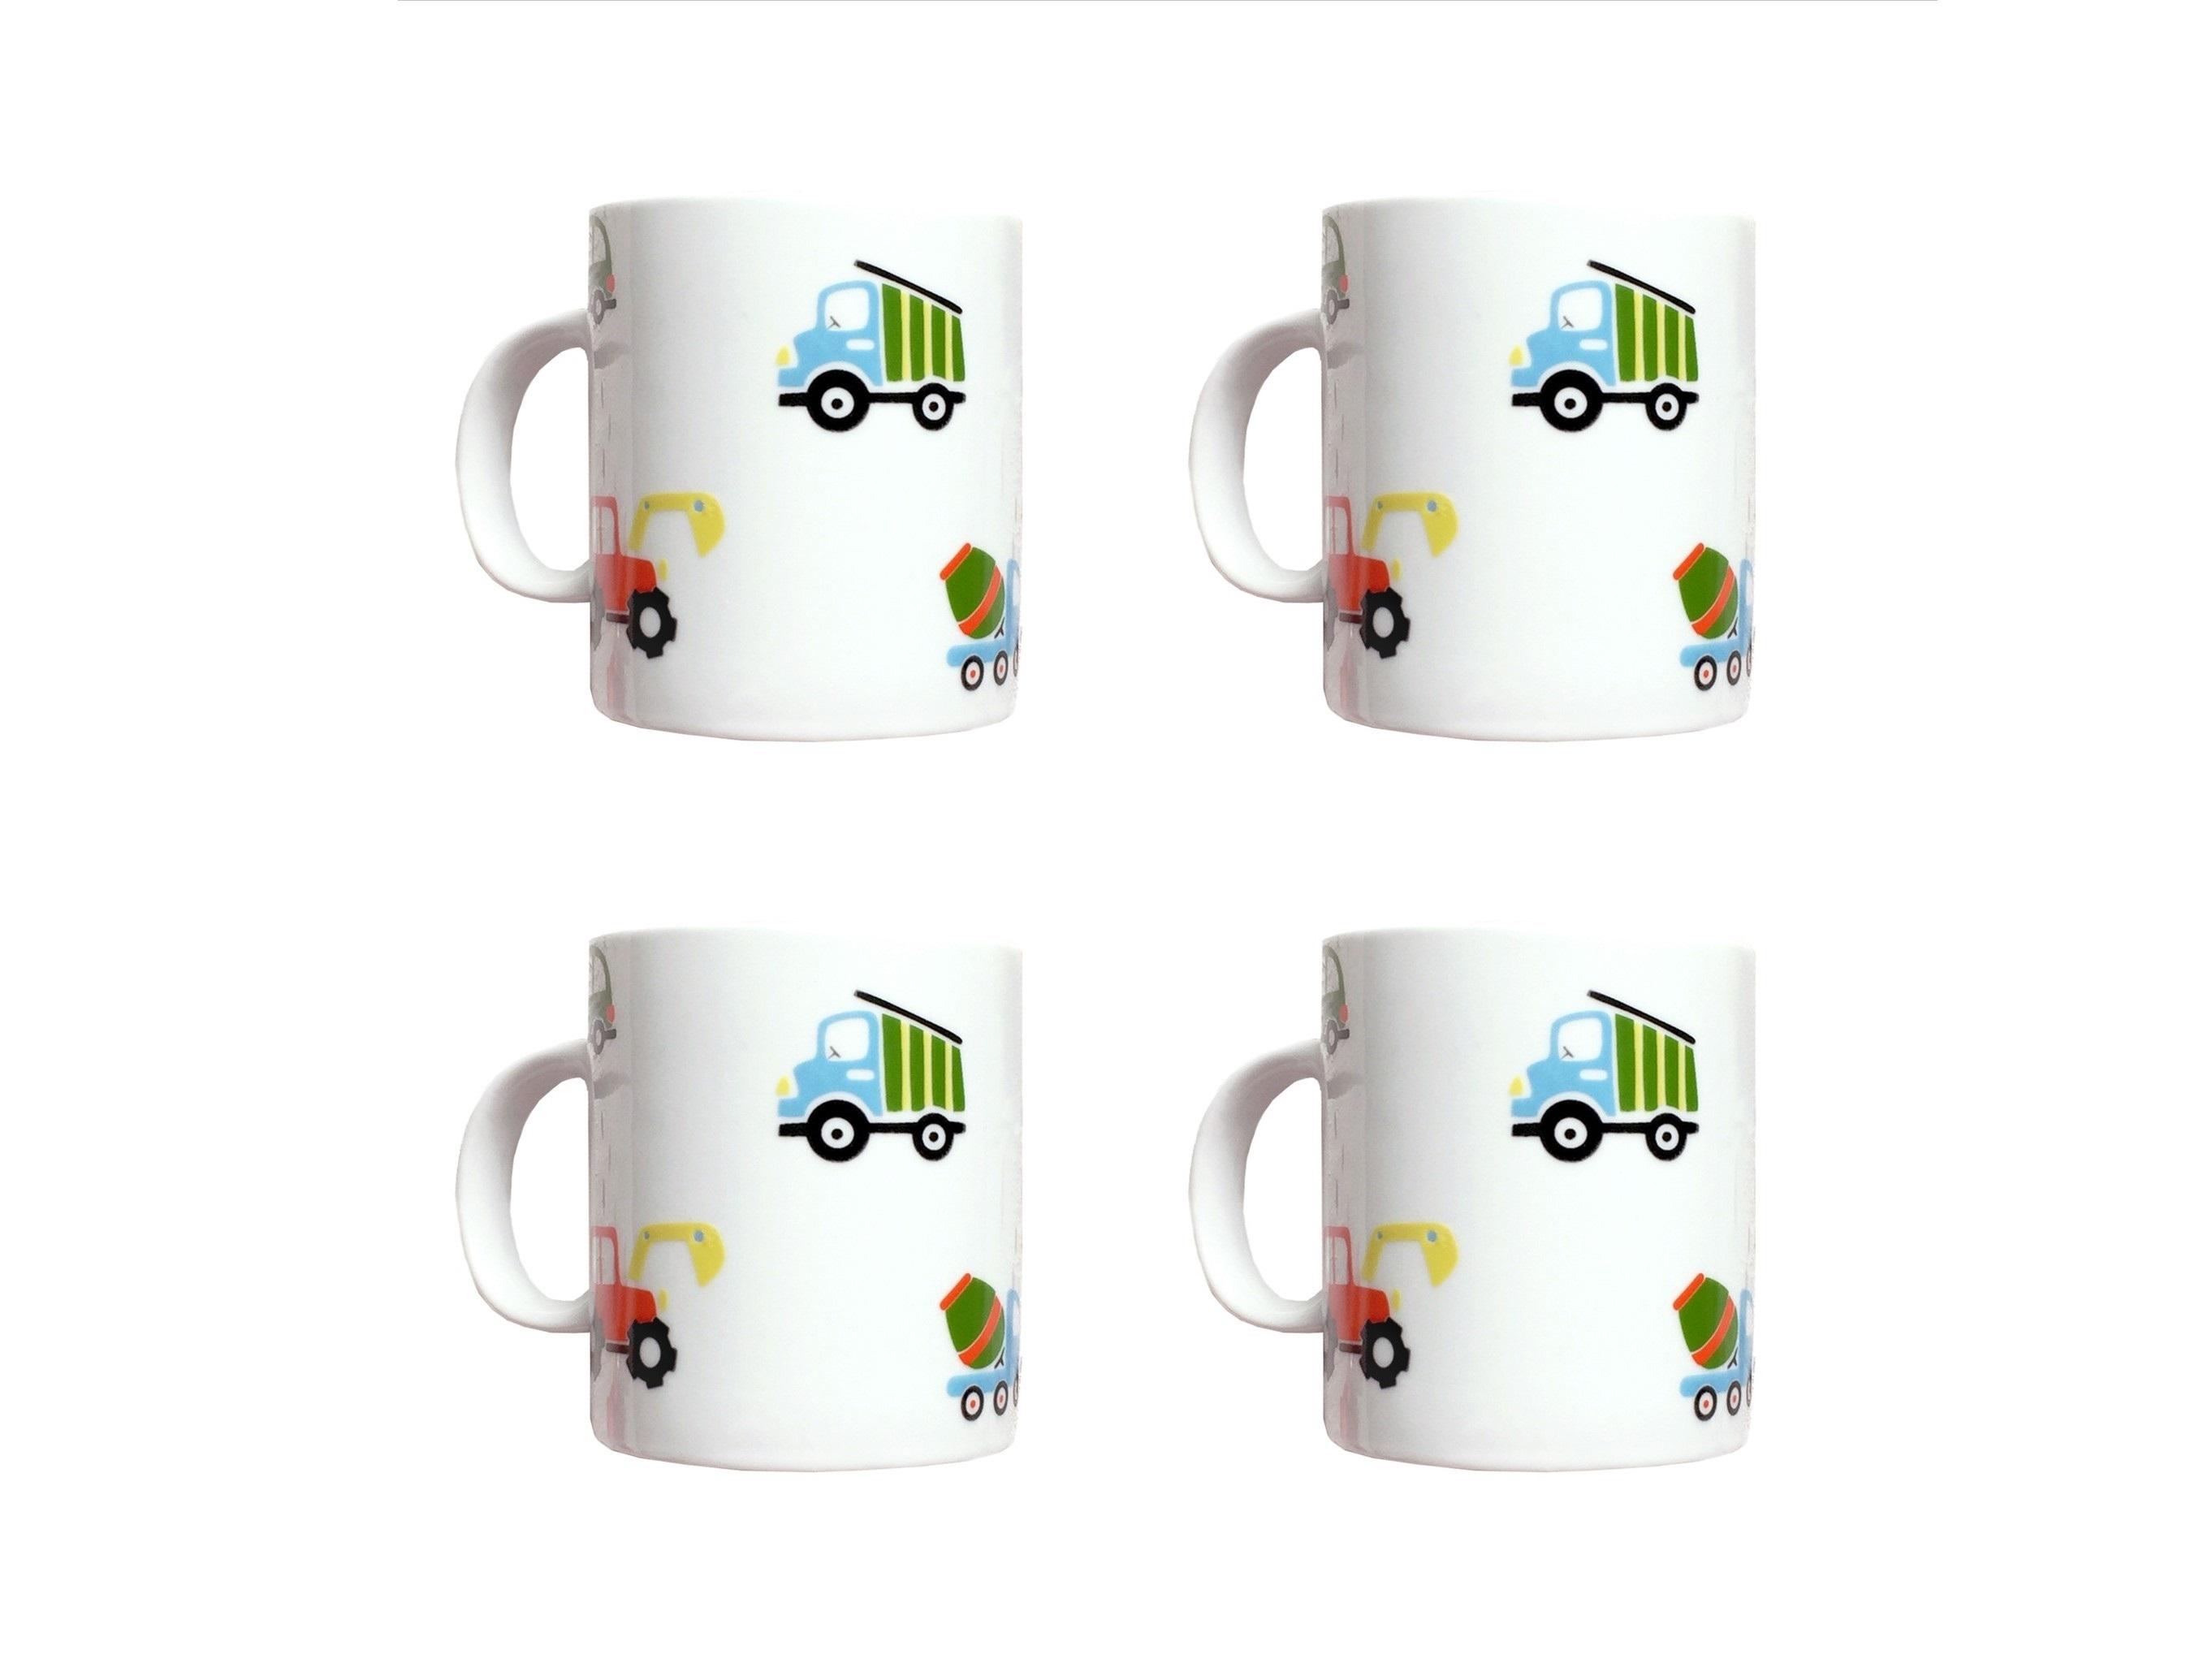 Набор кружек Машинки (4 шт)Чайные пары, чашки и кружки<br>Посуду можно использовать в микроволновой печи и посудомоечной машине.&amp;amp;nbsp;&amp;lt;div&amp;gt;&amp;lt;br&amp;gt;&amp;lt;/div&amp;gt;&amp;lt;div&amp;gt;В комплект входят: Кружка 300 мл - 4 шт.&amp;lt;/div&amp;gt;<br><br>Material: Фарфор<br>Высота см: 9